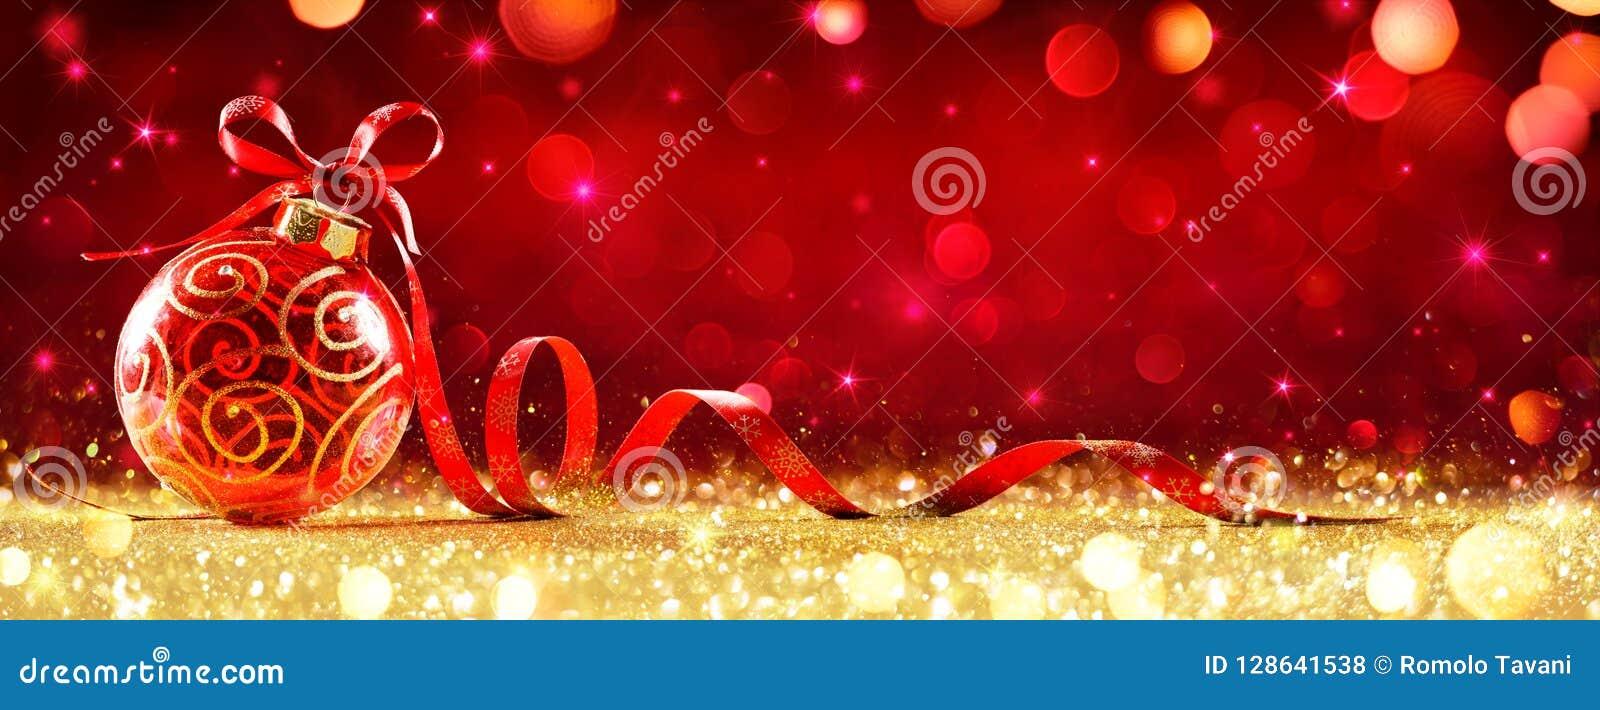 Röd julsfär med pilbågen